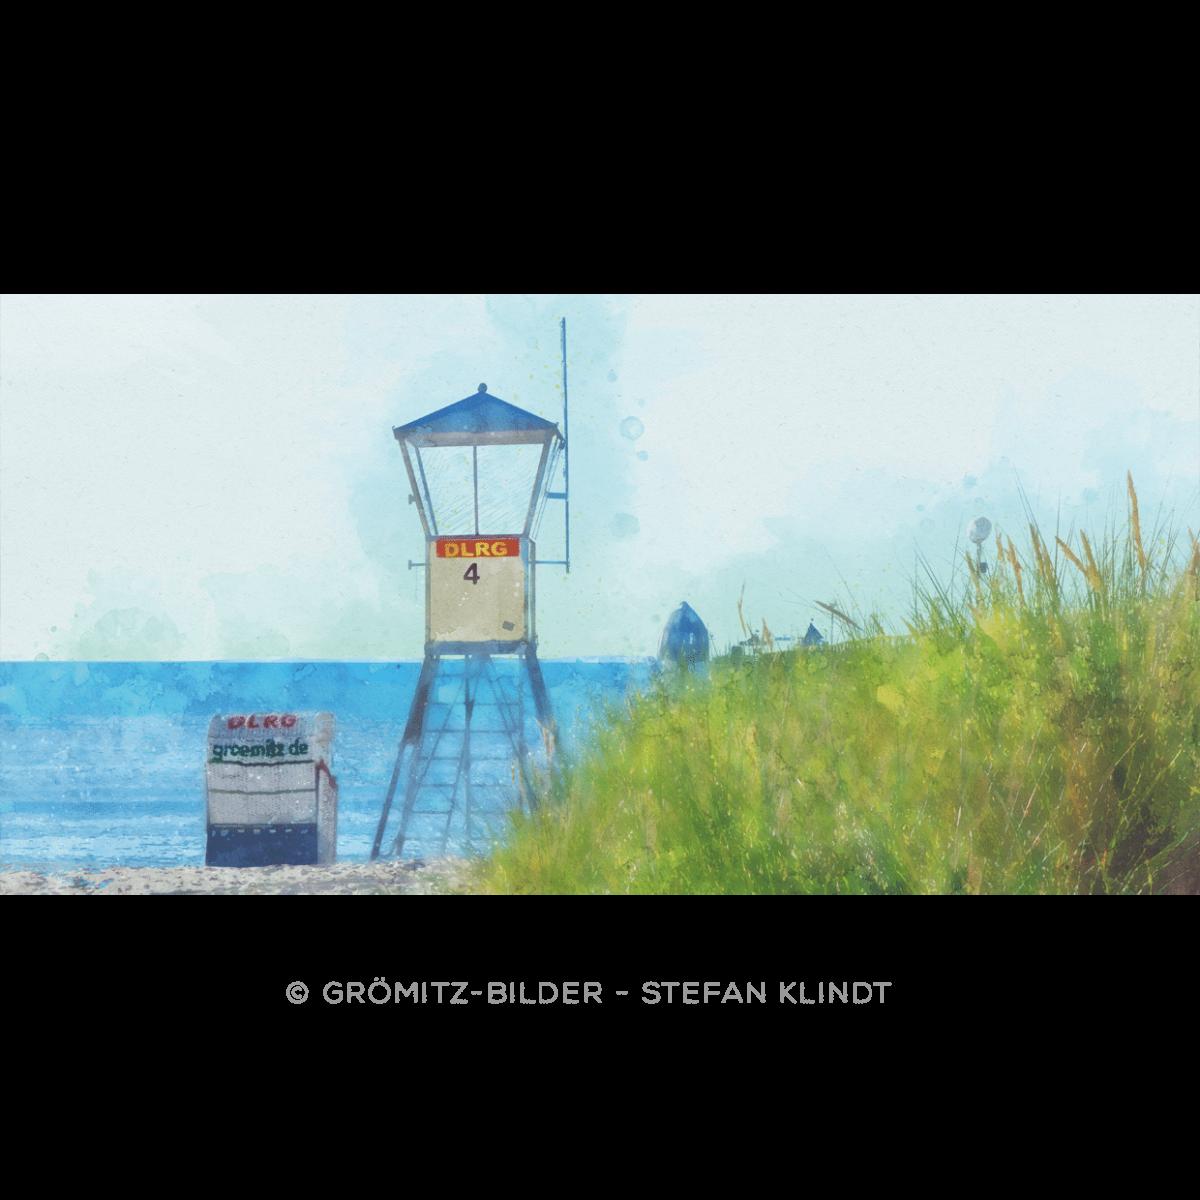 Grömitz Art - Rettungsturm in Aquarell